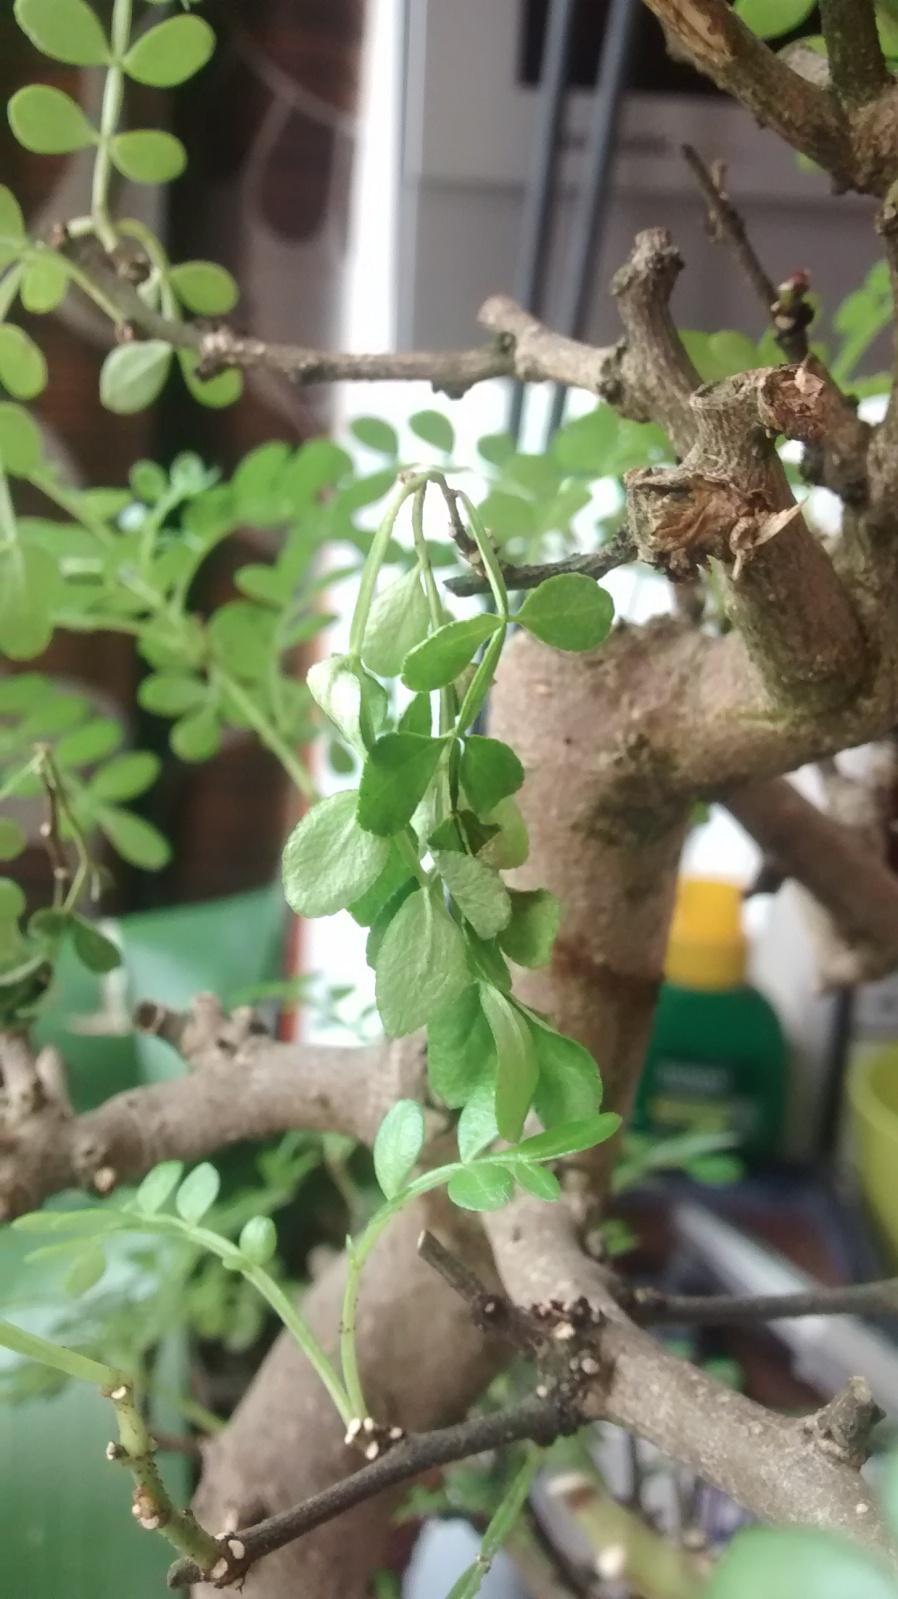 Pimentero japones, algunas ramas se estan poniendo mustias 2illz75